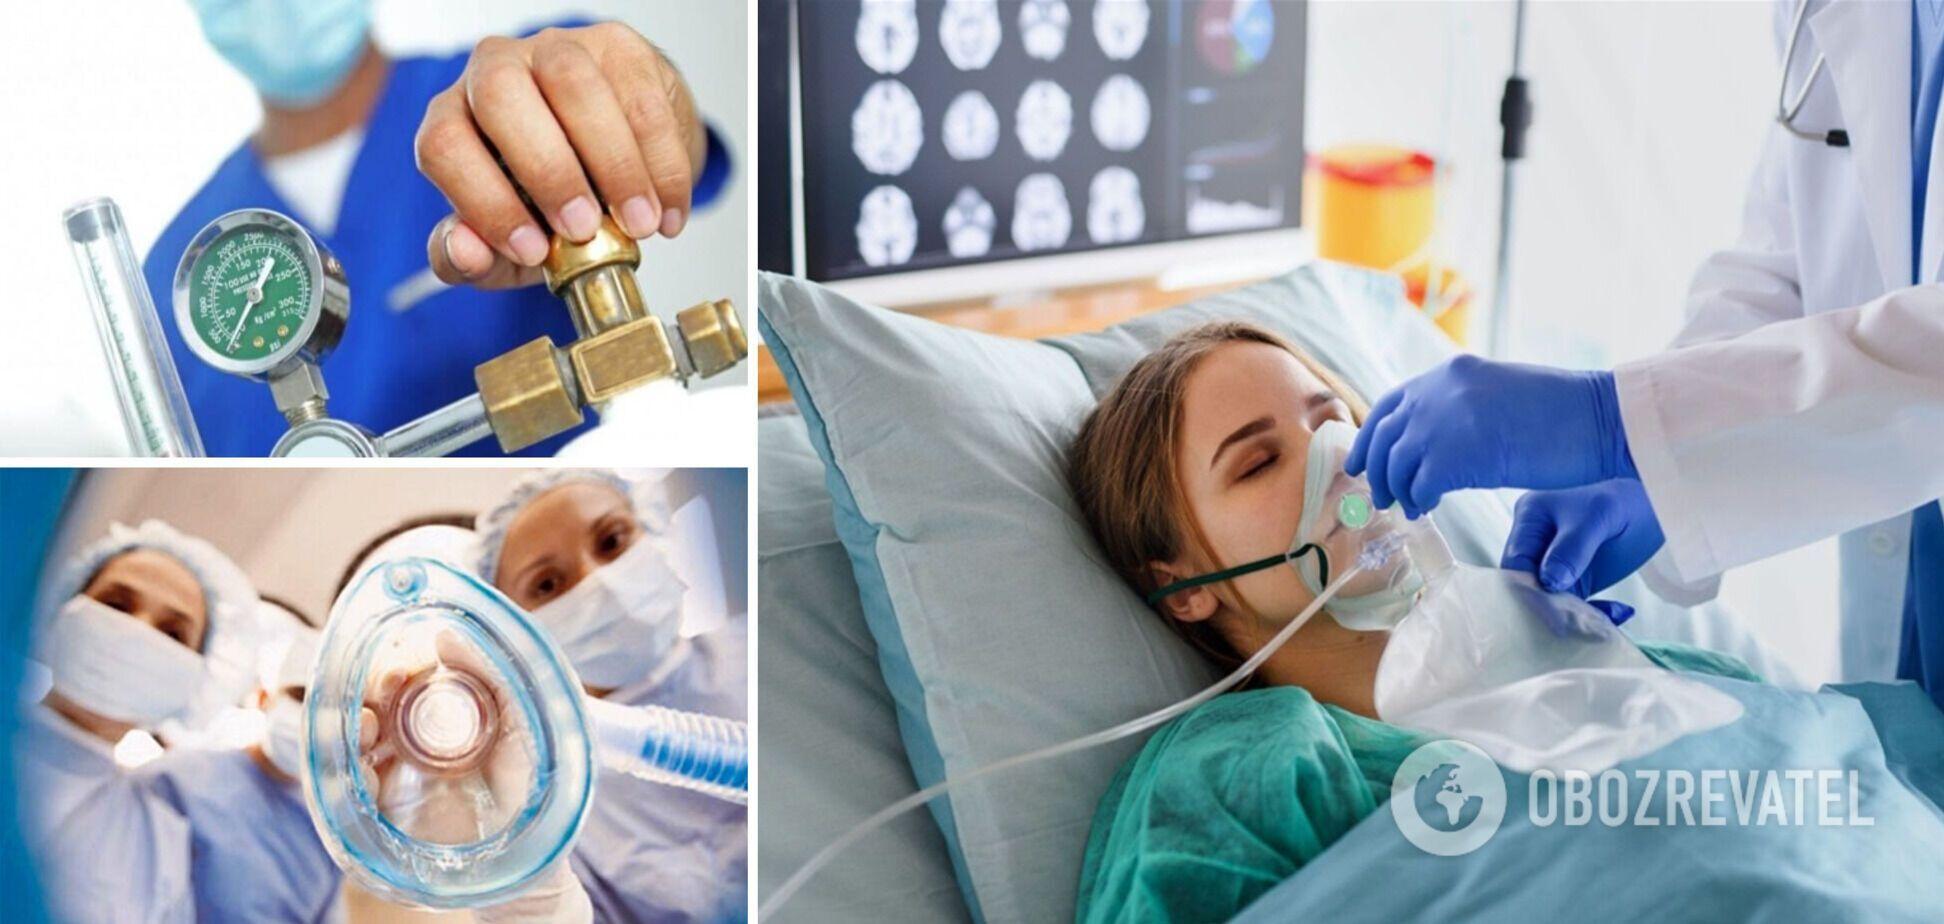 Данілов – про нестачу кисню в COVID-лікарнях: маємо спільно з місцевою владою вирішувати цю проблему